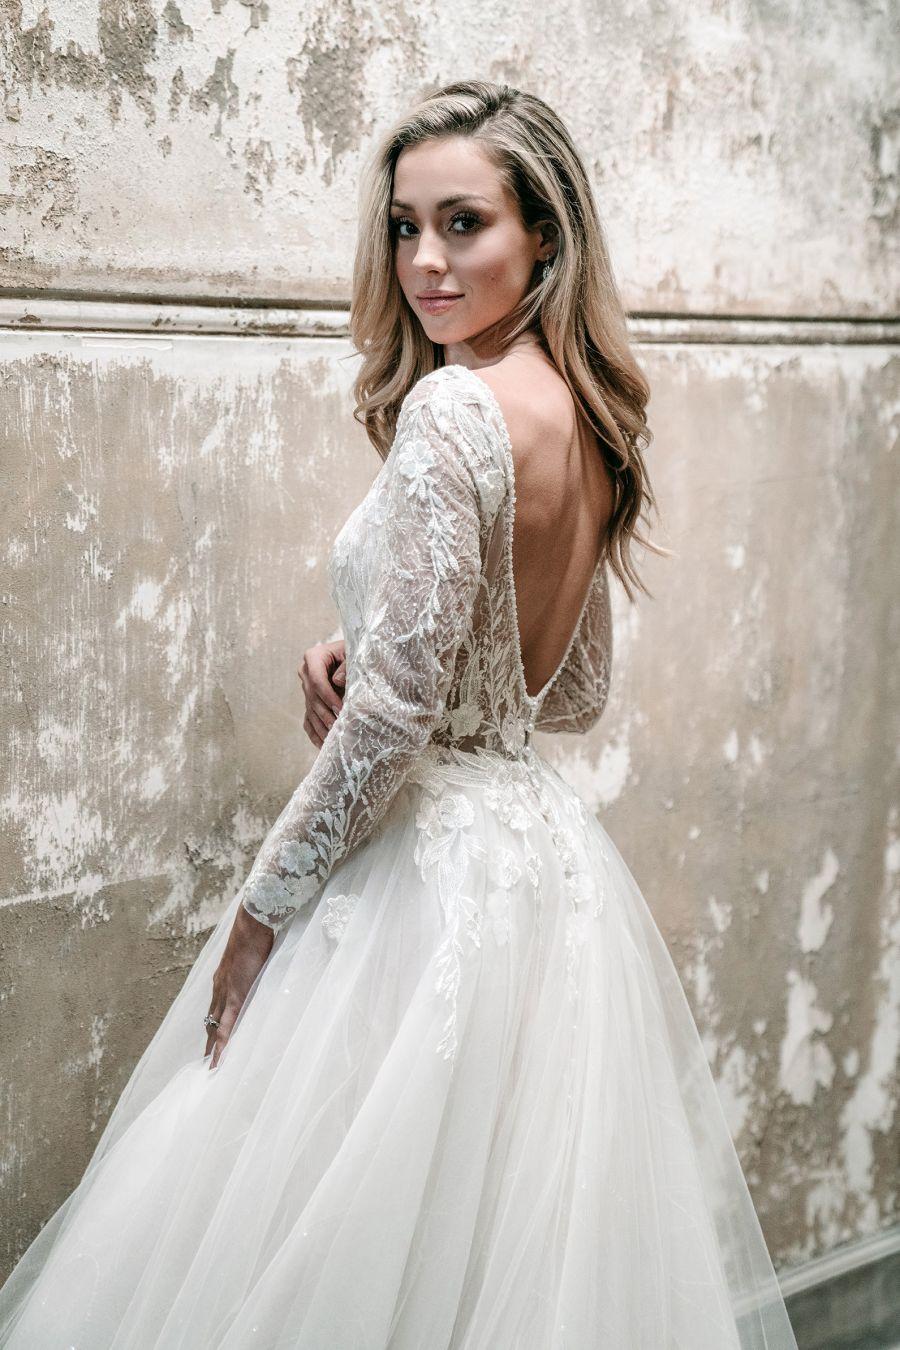 Vestido de noiva 2021/2022: 10 tendências para acompanhar